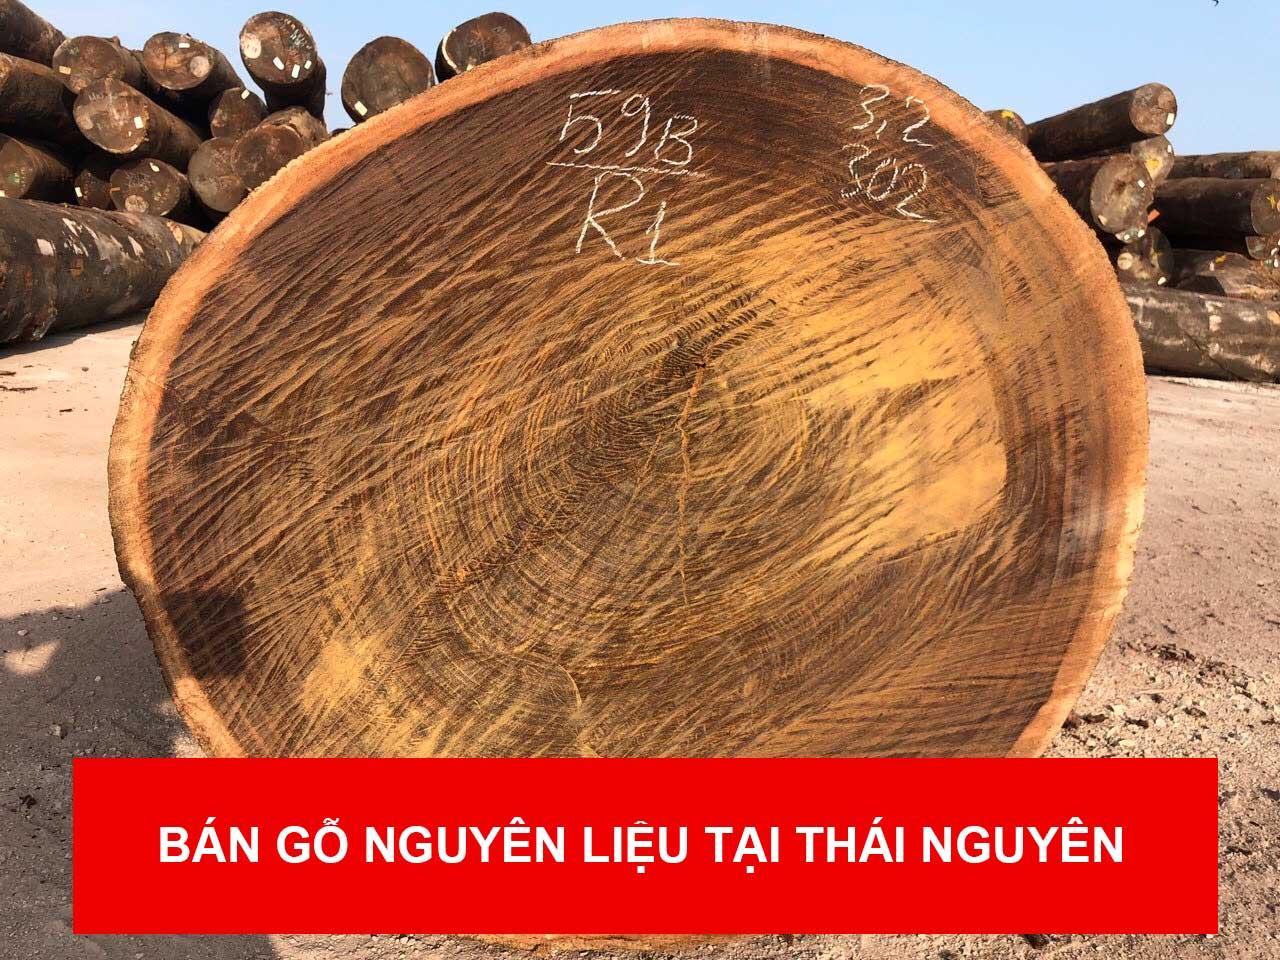 ban-go-nguyen-lieu-tai-thai-nguyen